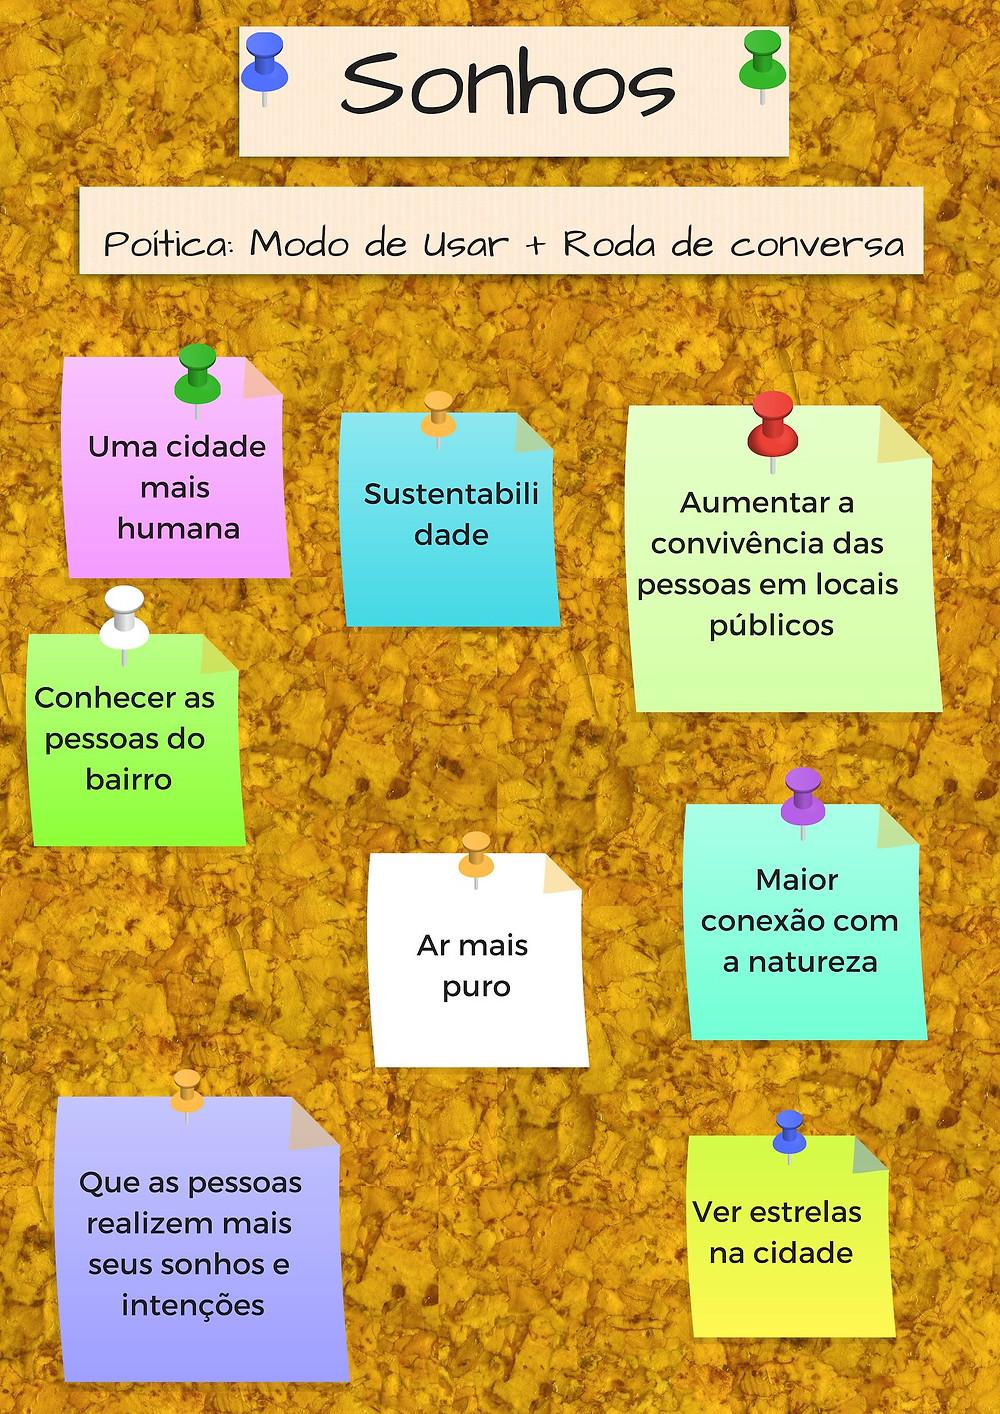 sonhos para a cidade de São Paulo. Uma cidade mais humana. Aumentar a convivência das pessoas em locais públicos. Conhecer as pessoas do bairro. Maior conexão com a natureza